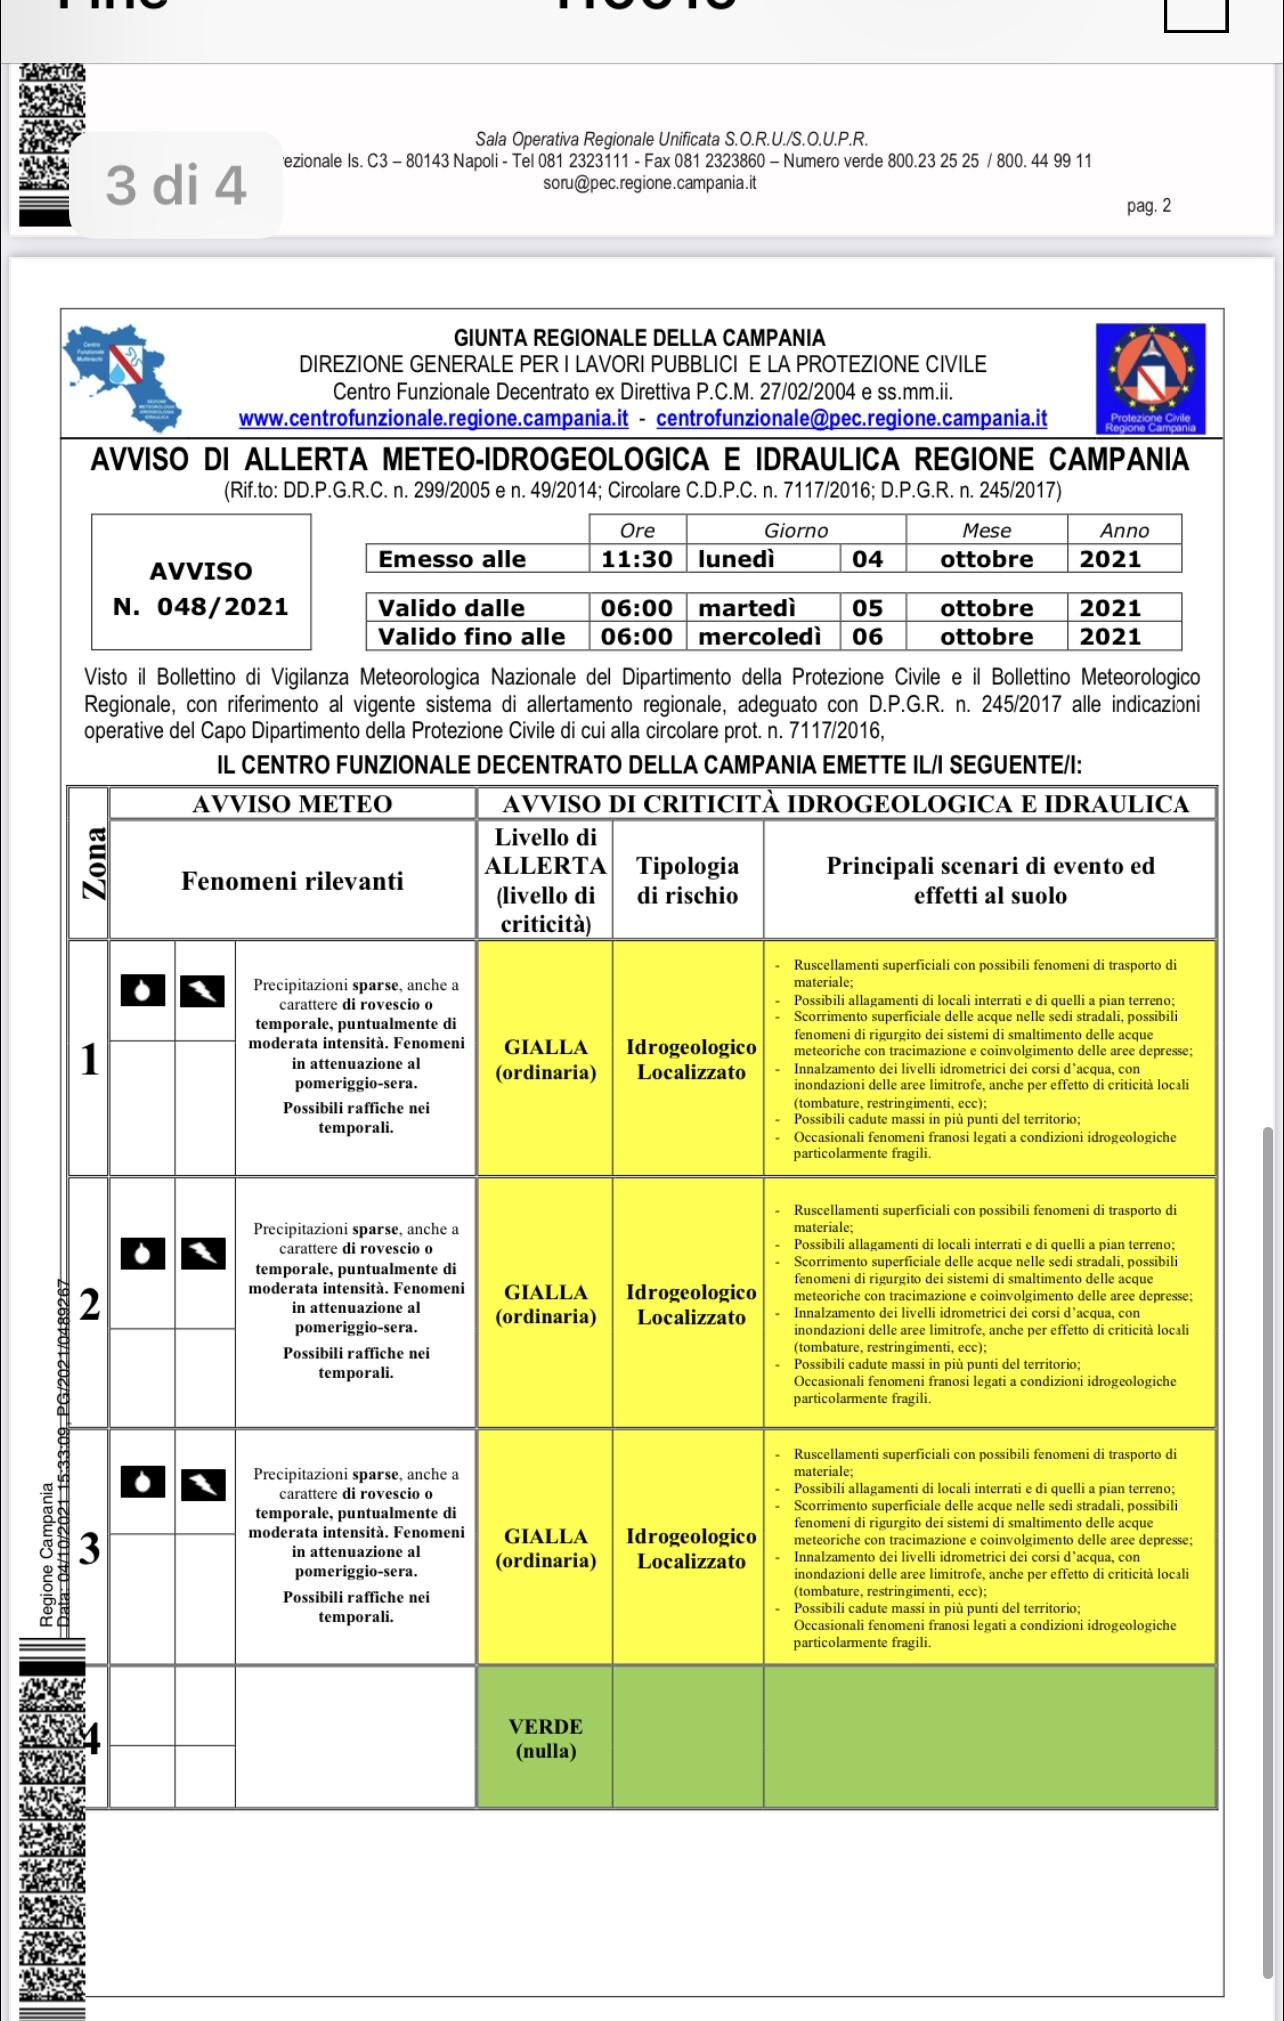 2A0ADDED-C1C6-48CB-A46E-71AC01553820